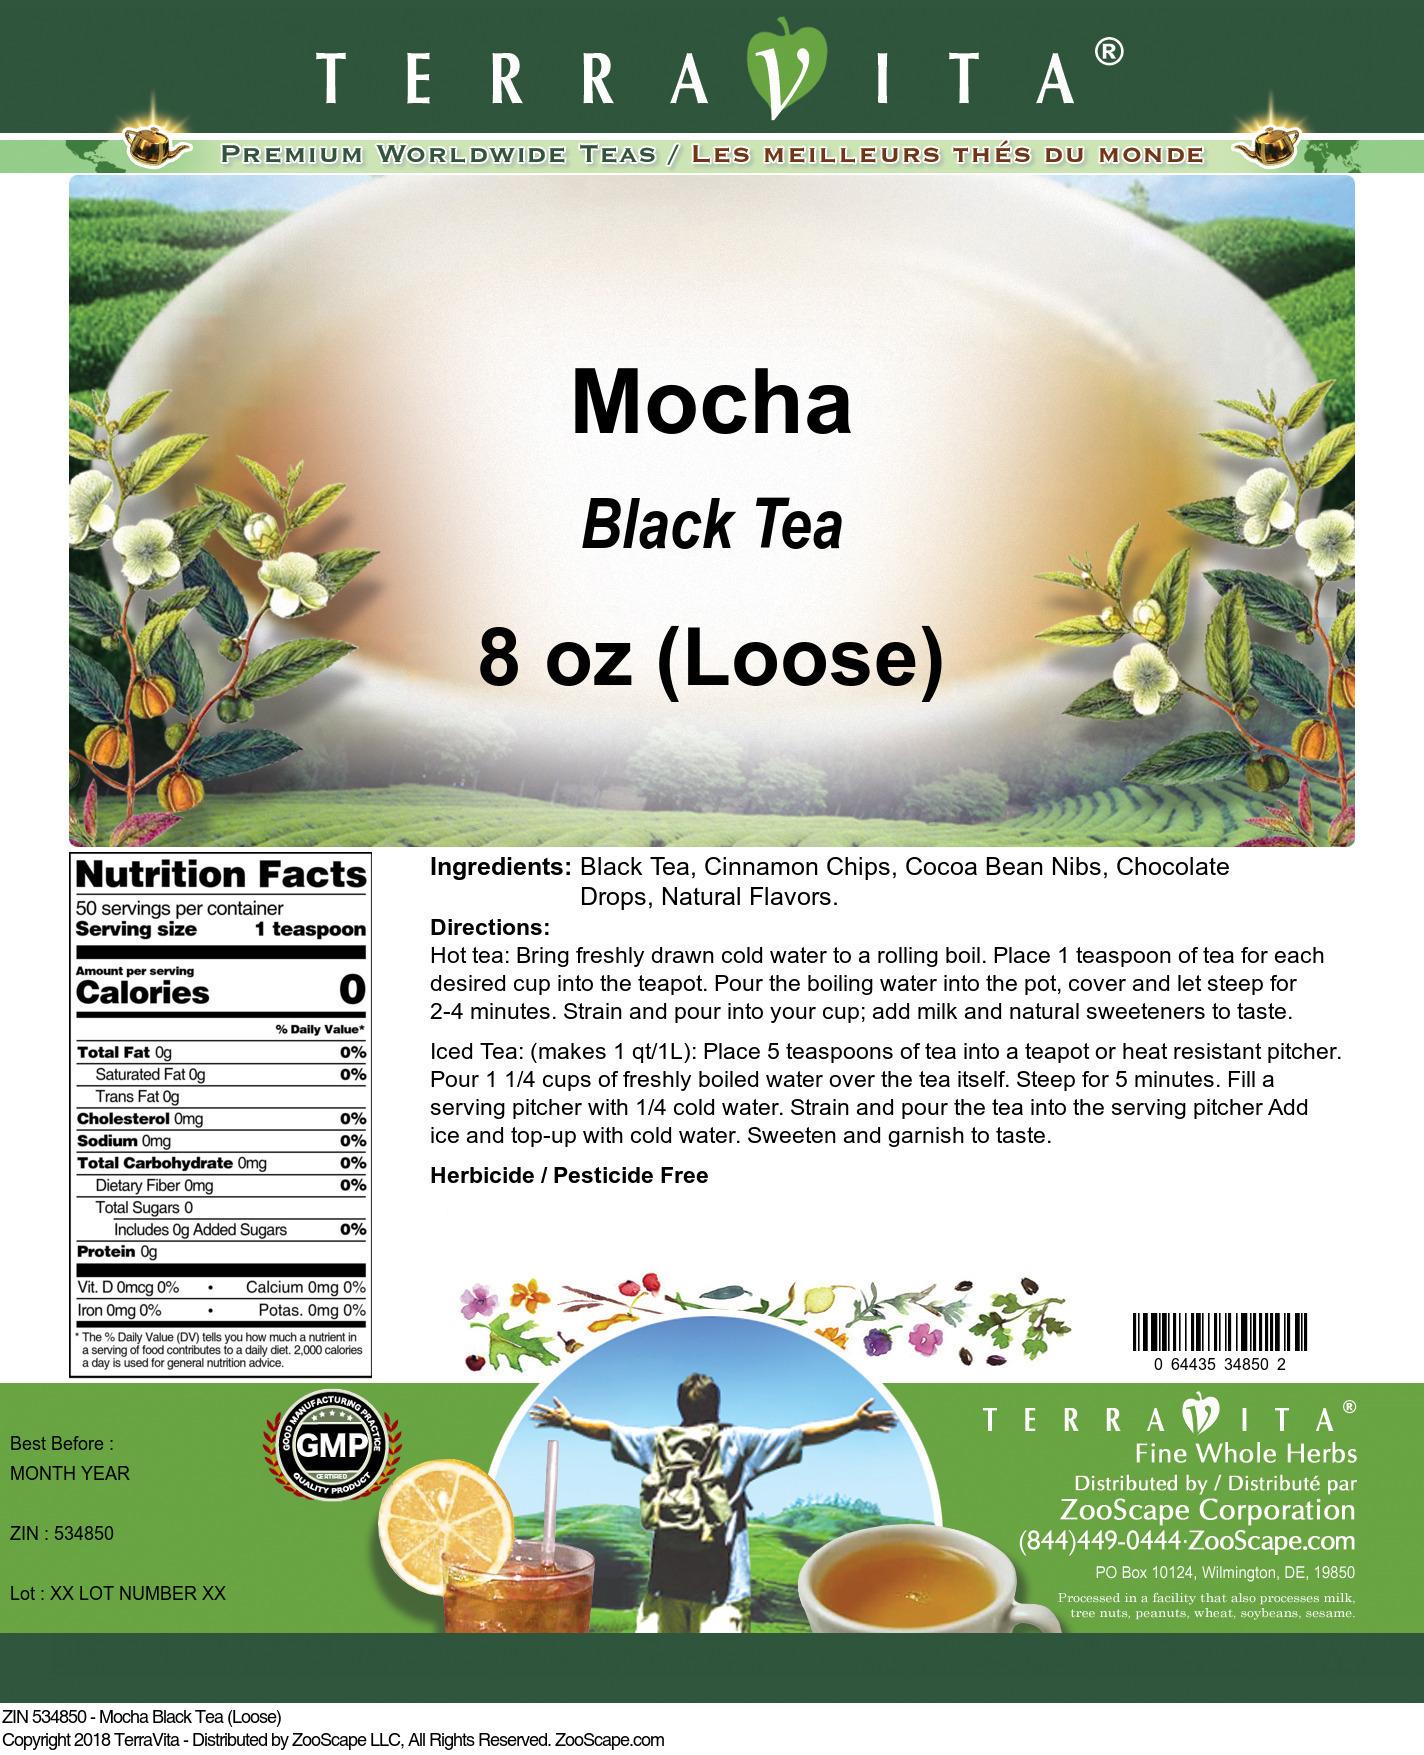 Mocha Black Tea (Loose)